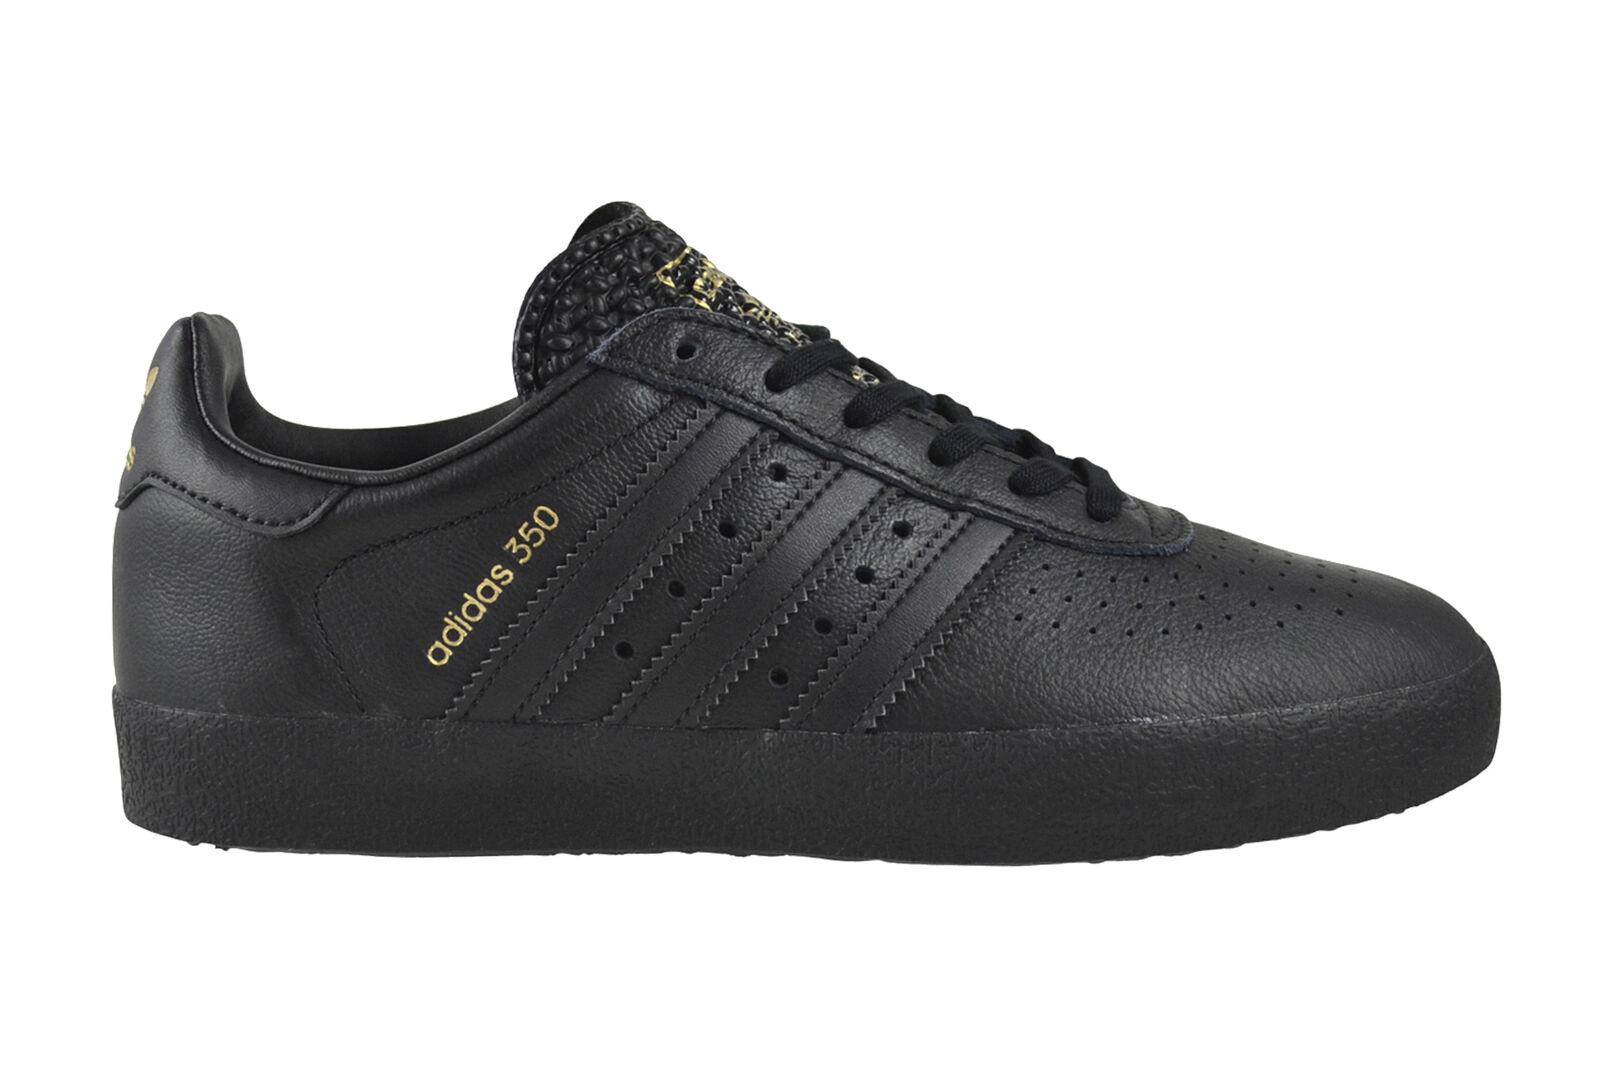 Adidas 350 cnegro cnegro cnegro cortos zapatos negro by1861